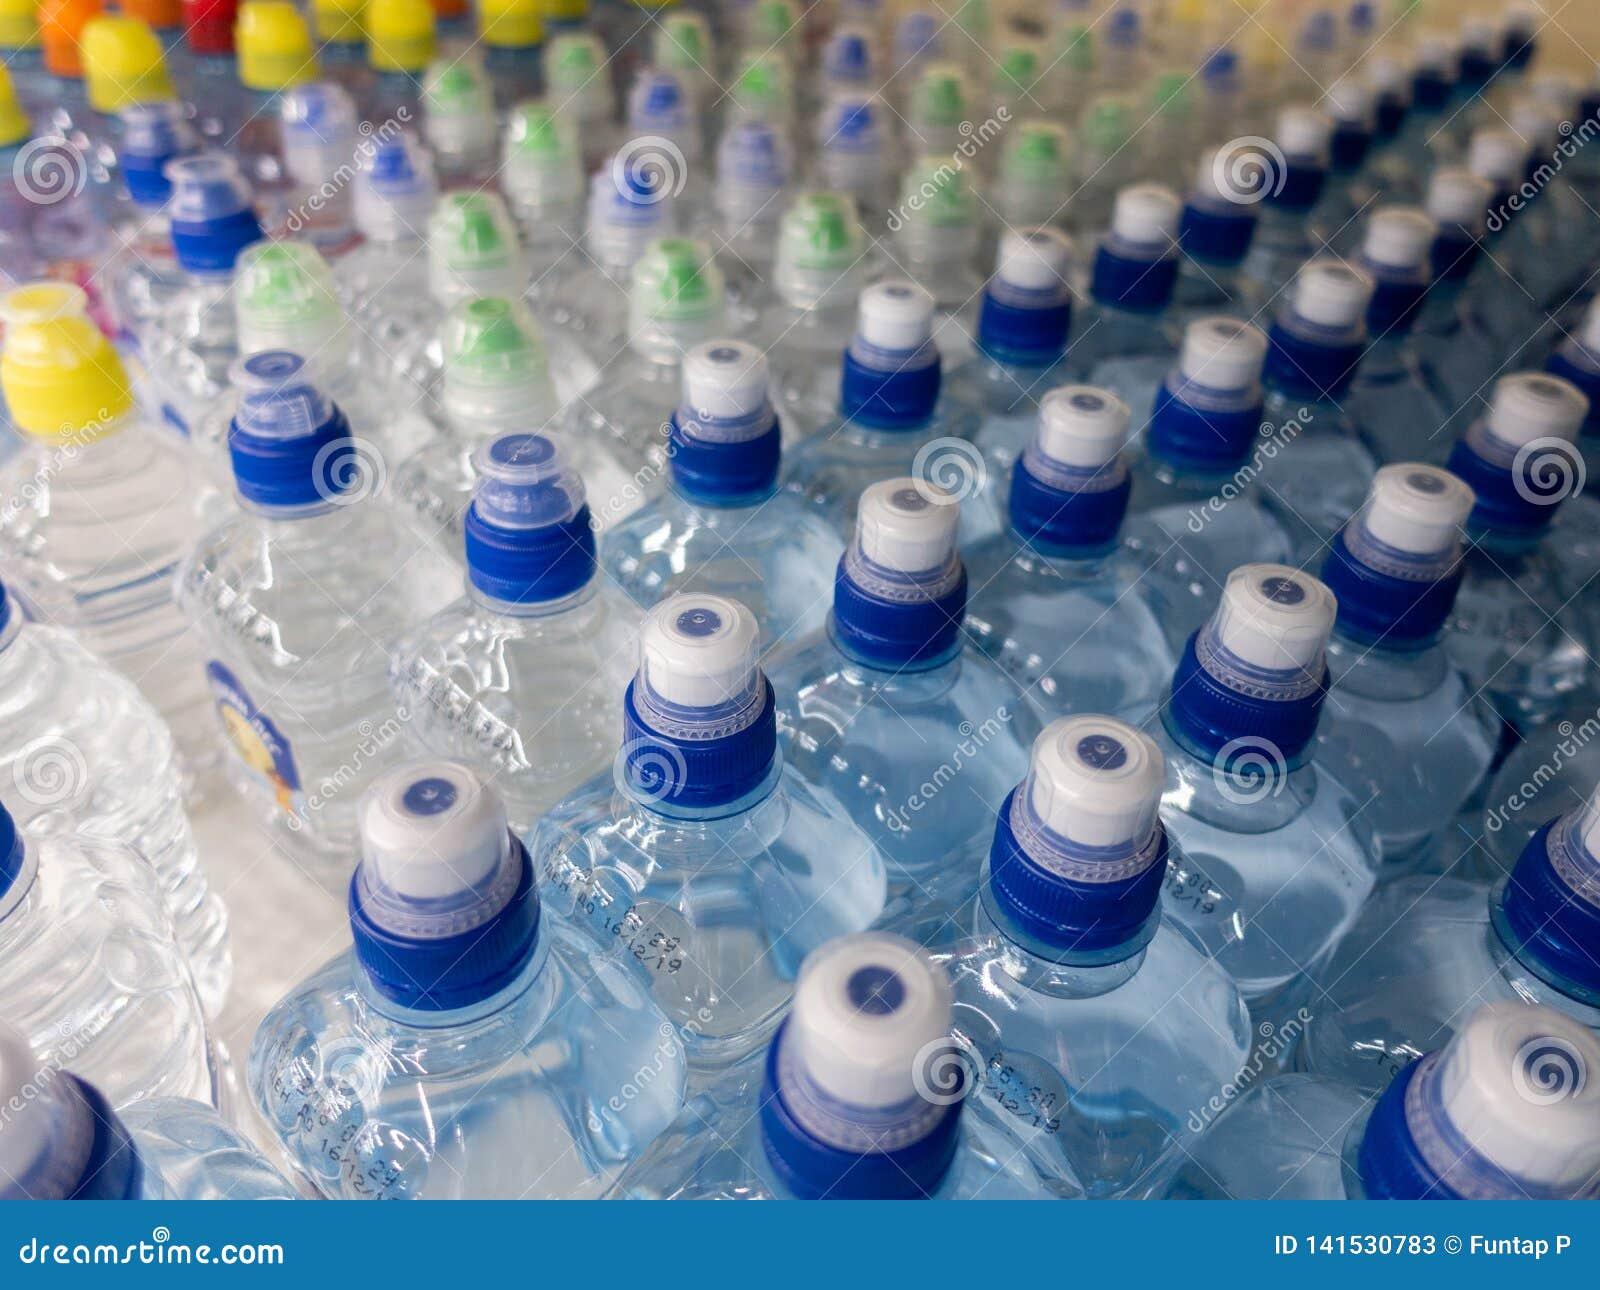 Fles van het deksel de plastic water in de markt multi-colored plastic kroonkurken